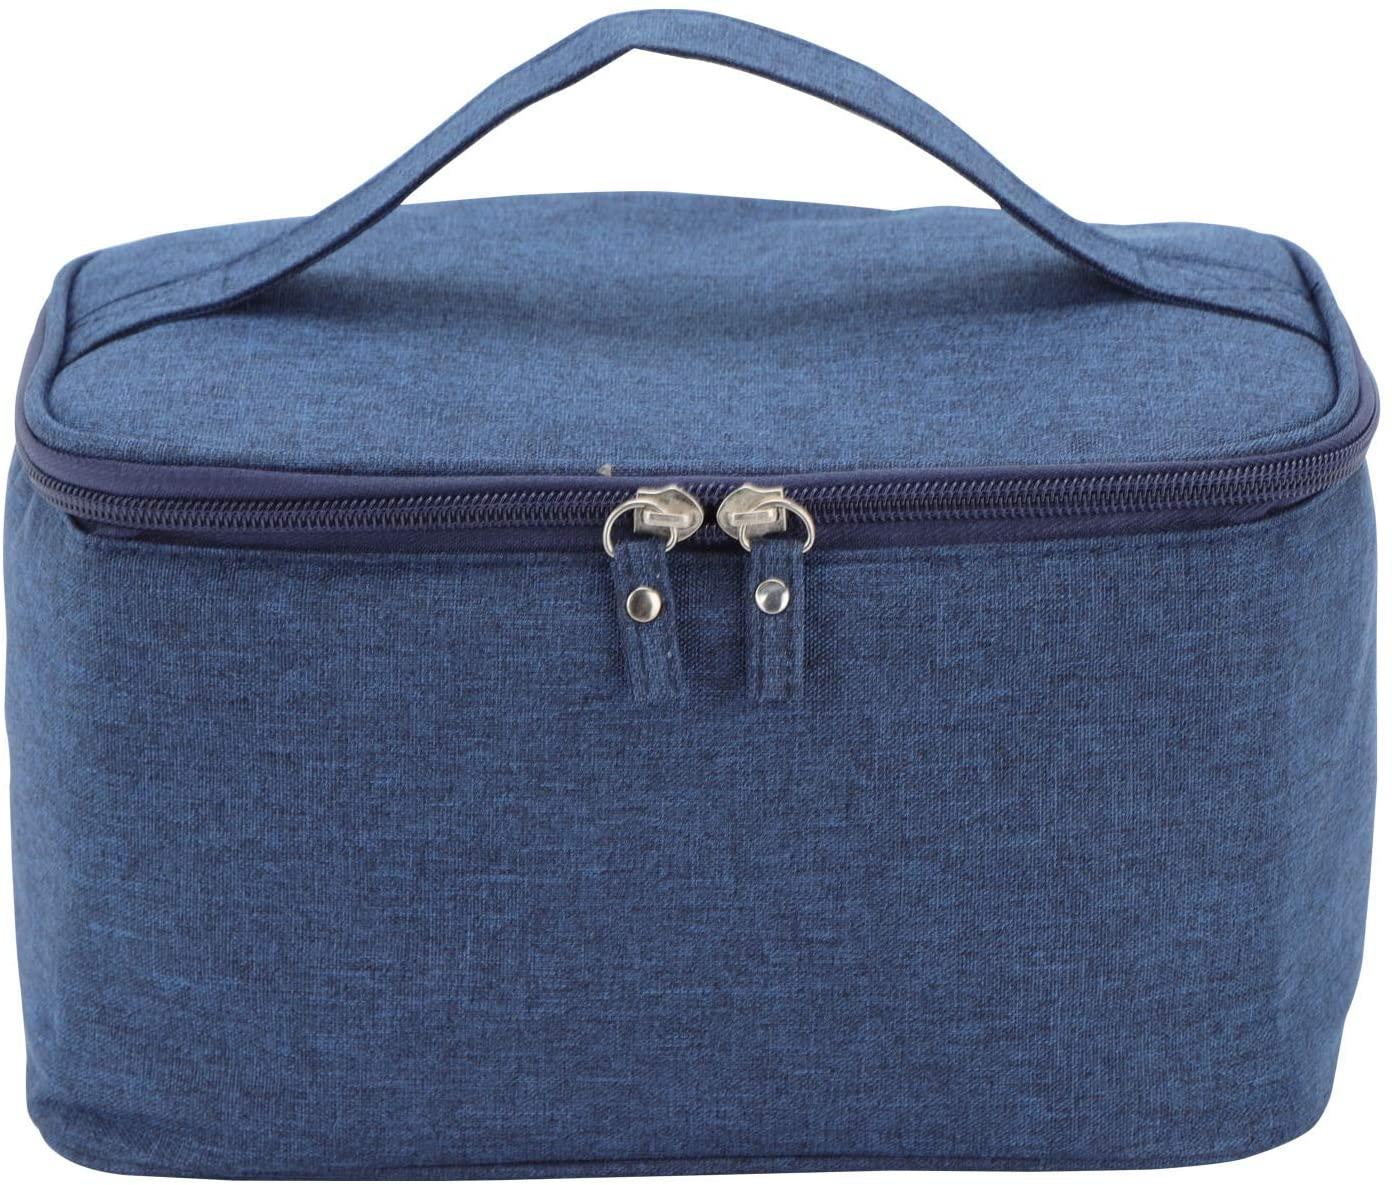 MorNon Makeup Bag Makeup Organizer Bag Travel Makeup Bag Large Cosmetic Bag for Women and Men (Navy)